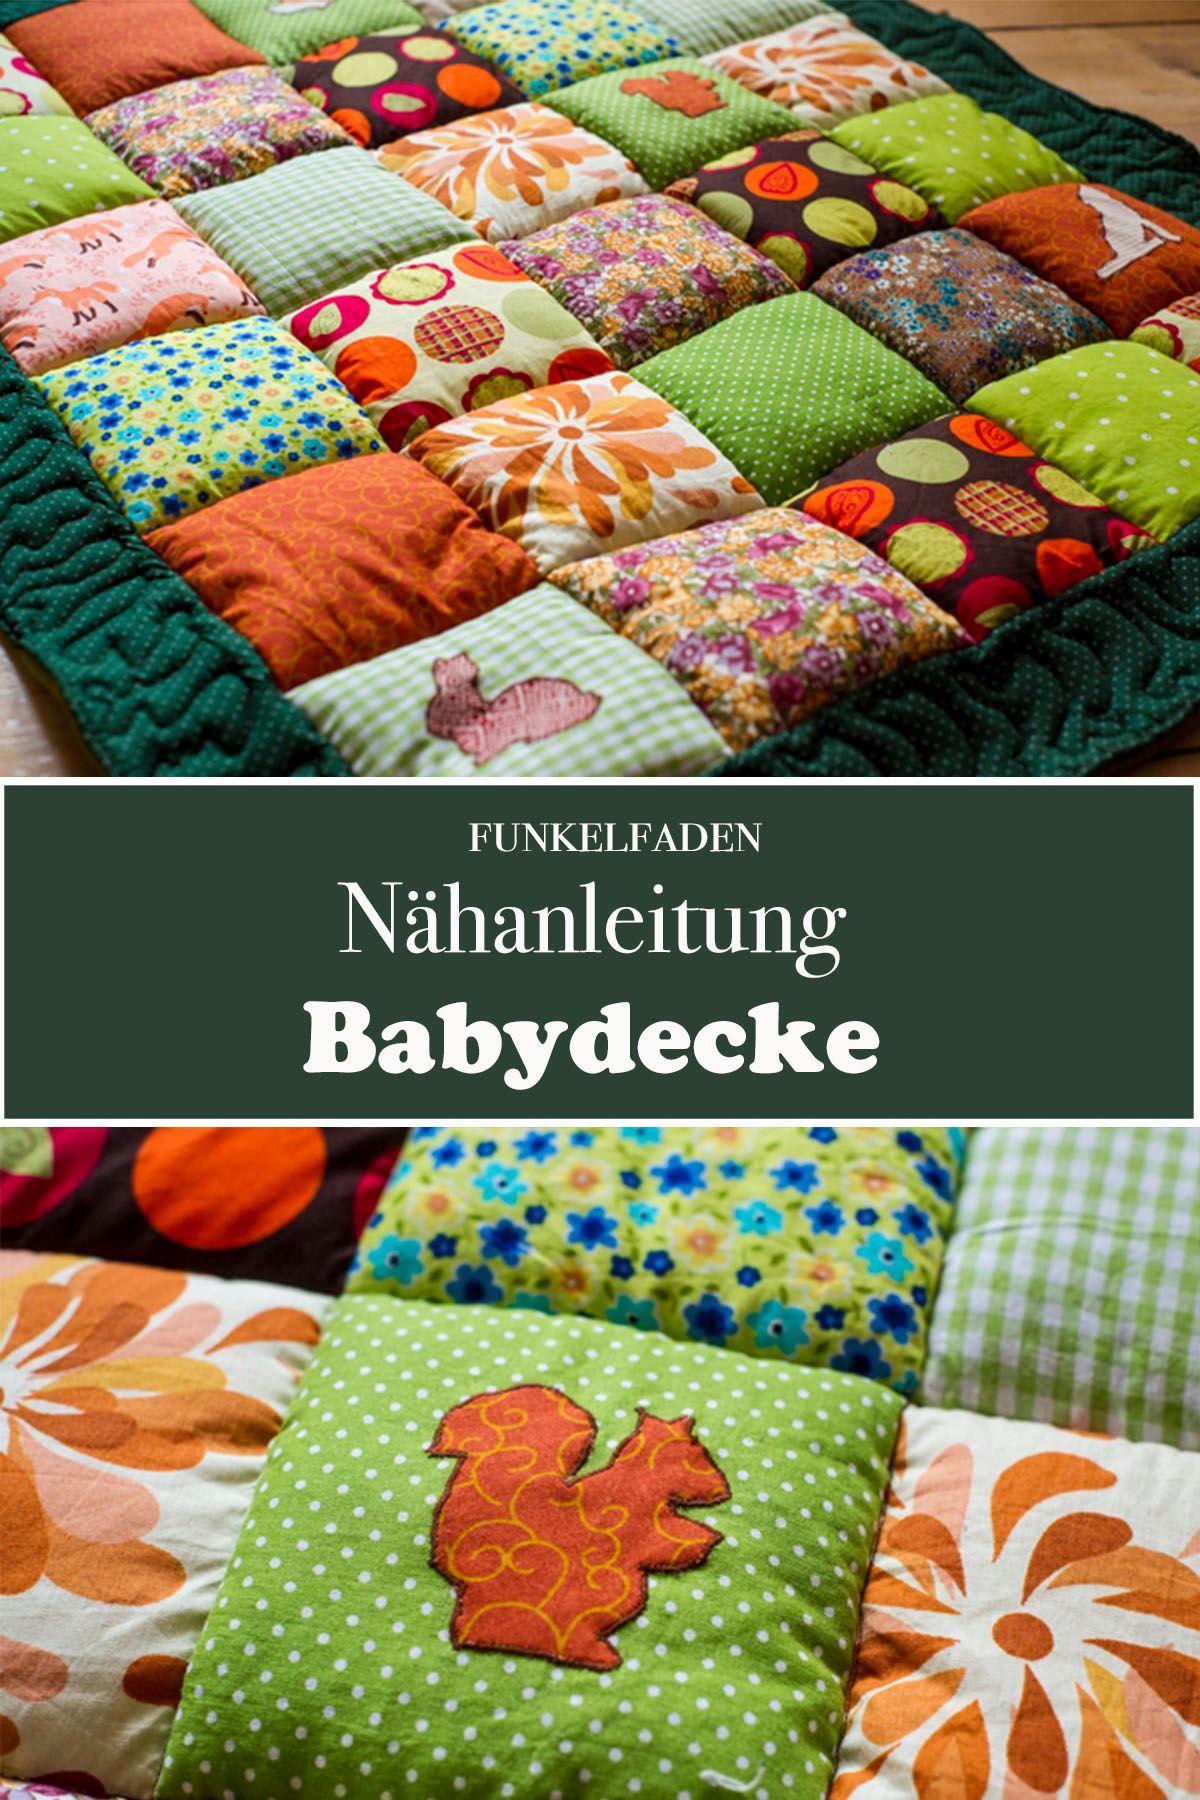 Nähanleitung Babydecke nähen / Patchworkdecke